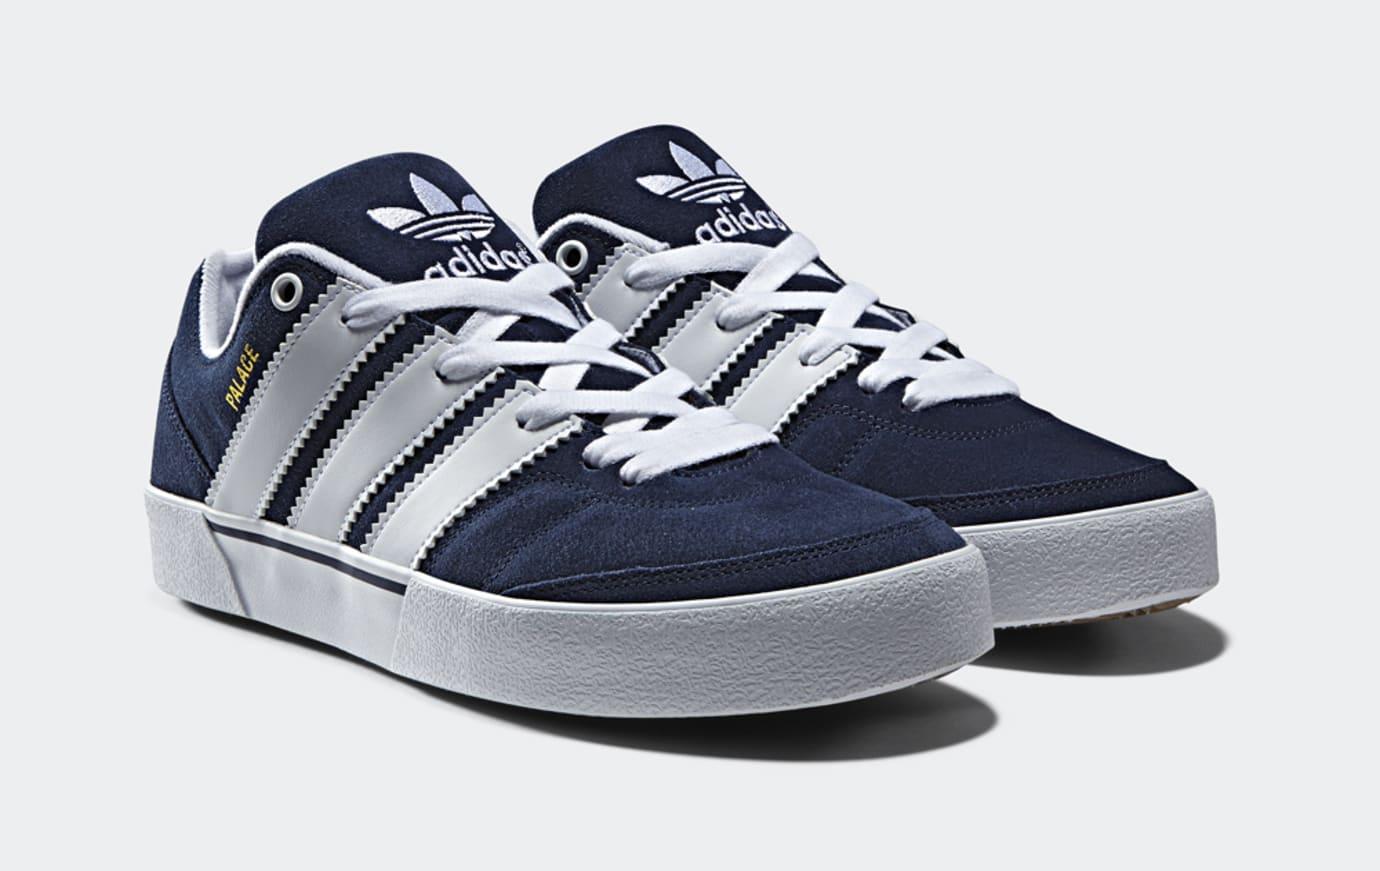 Palace Adidas Oreardon 1